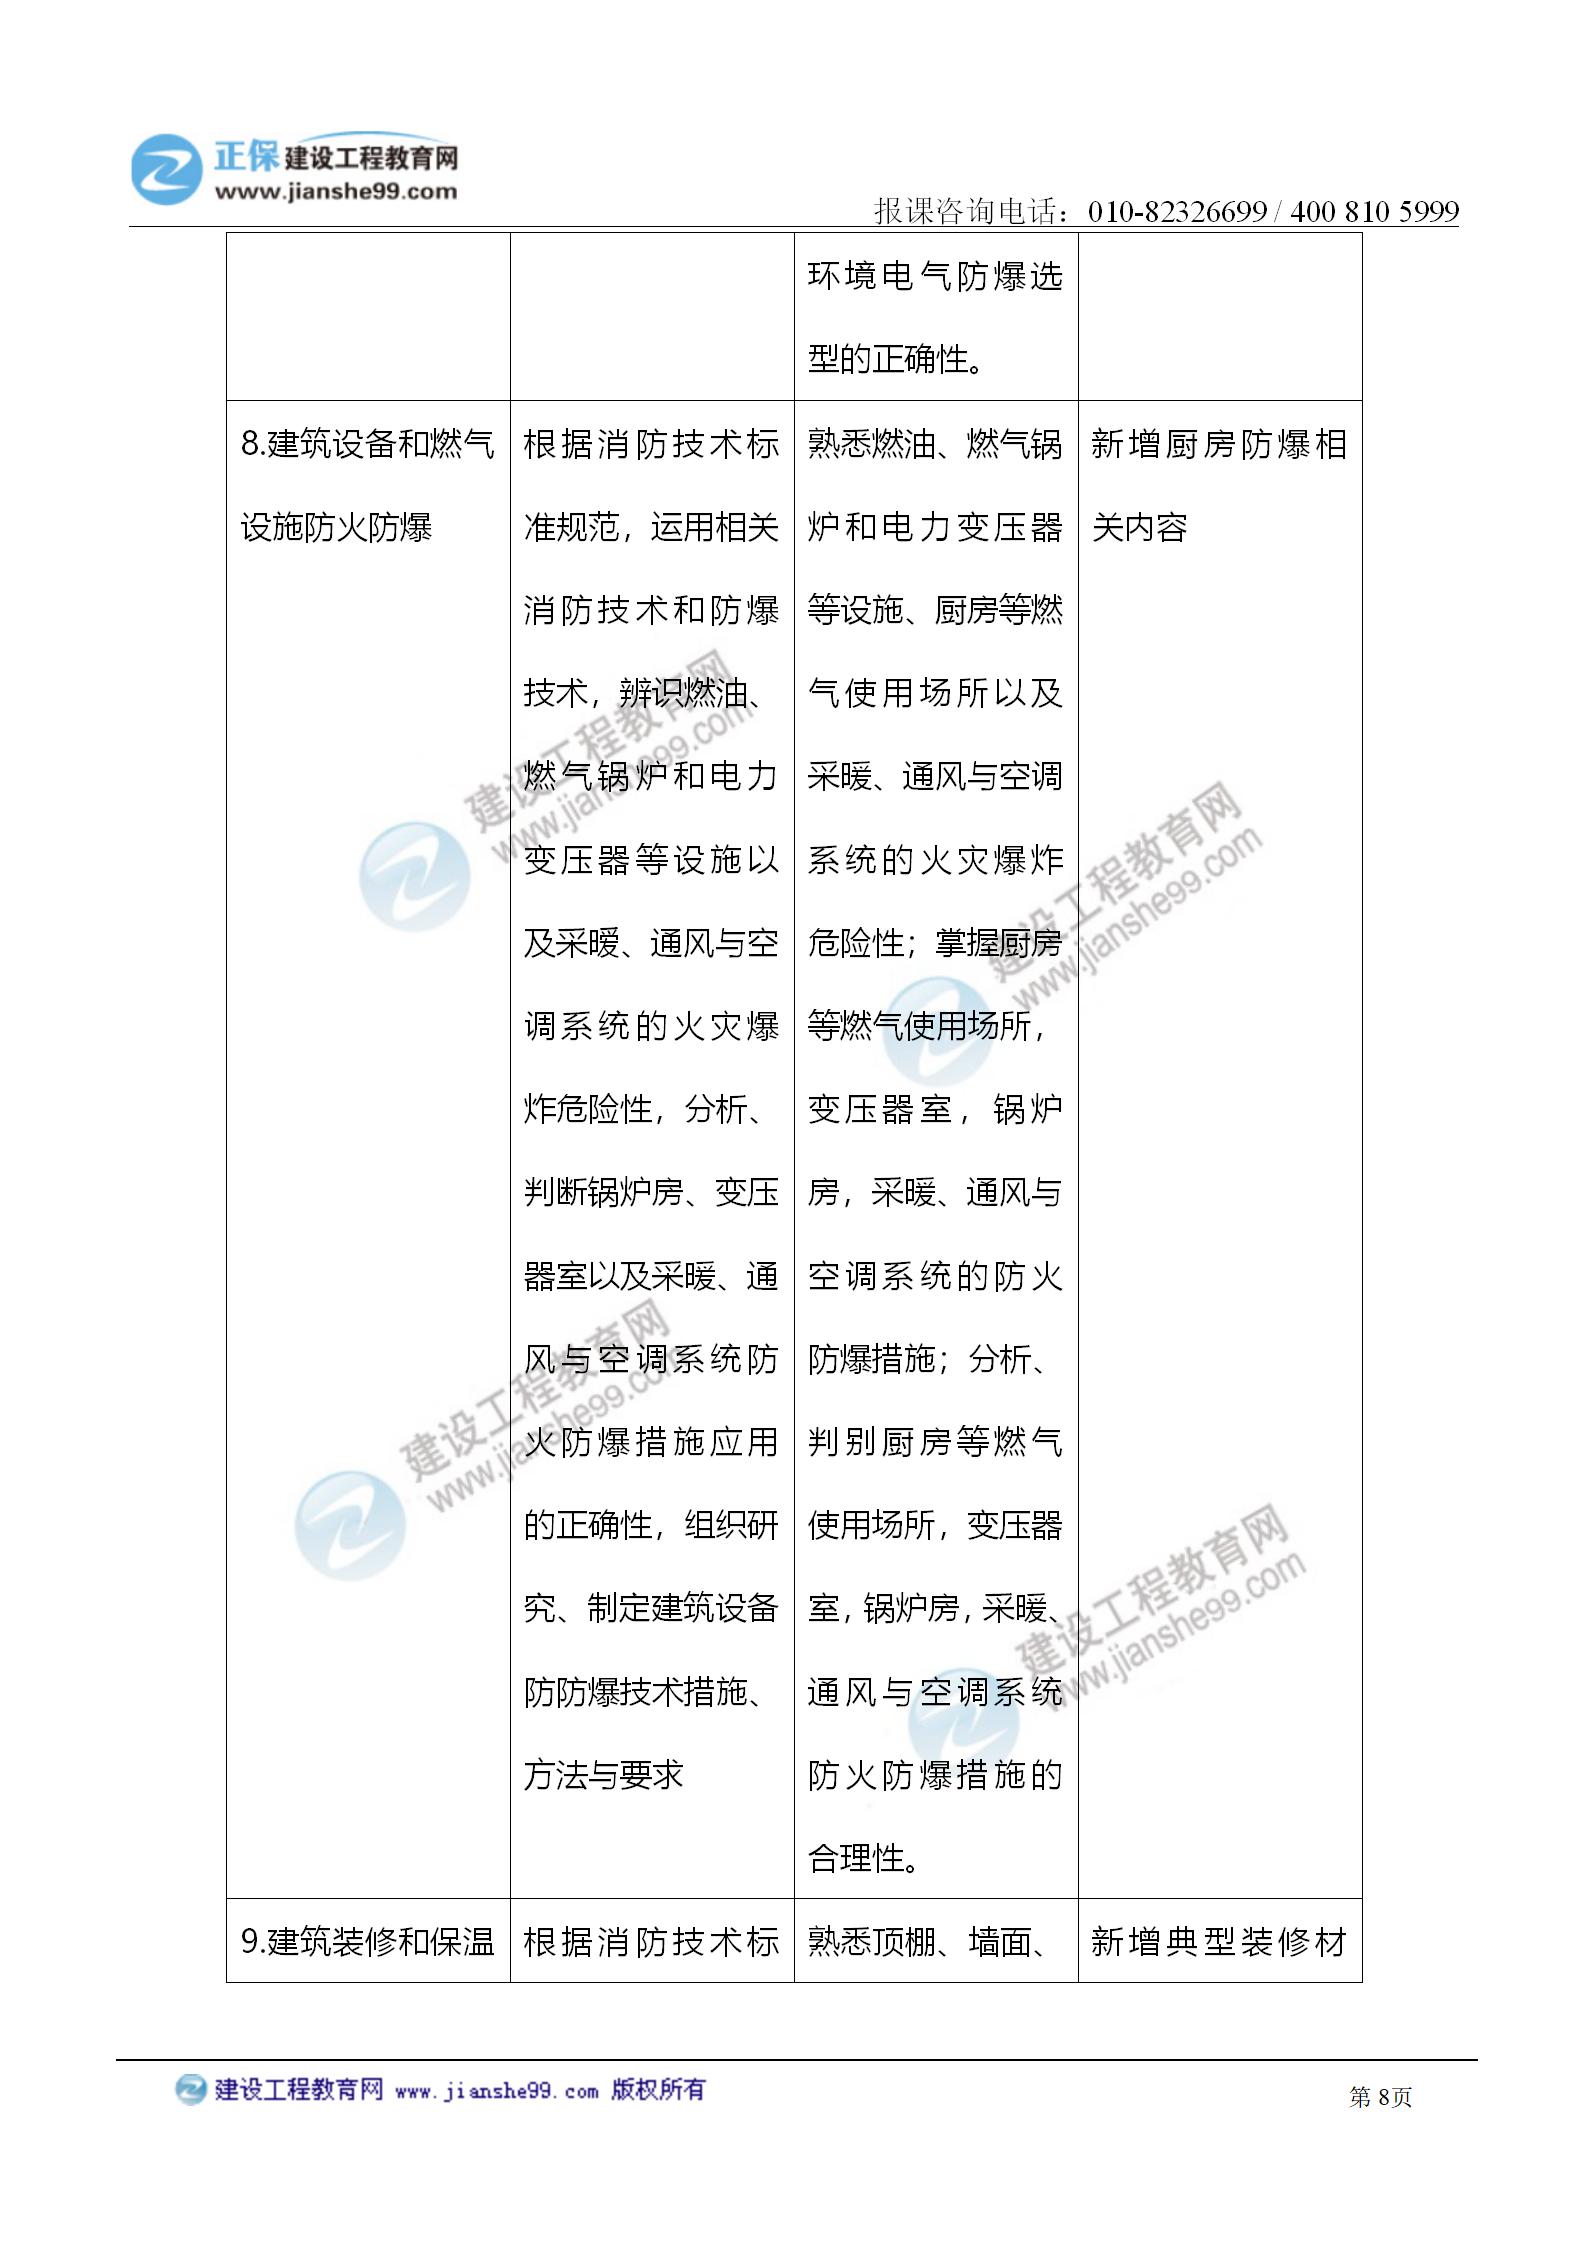 2021注册消防工程师《技术实务》考试大纲变化情况_08